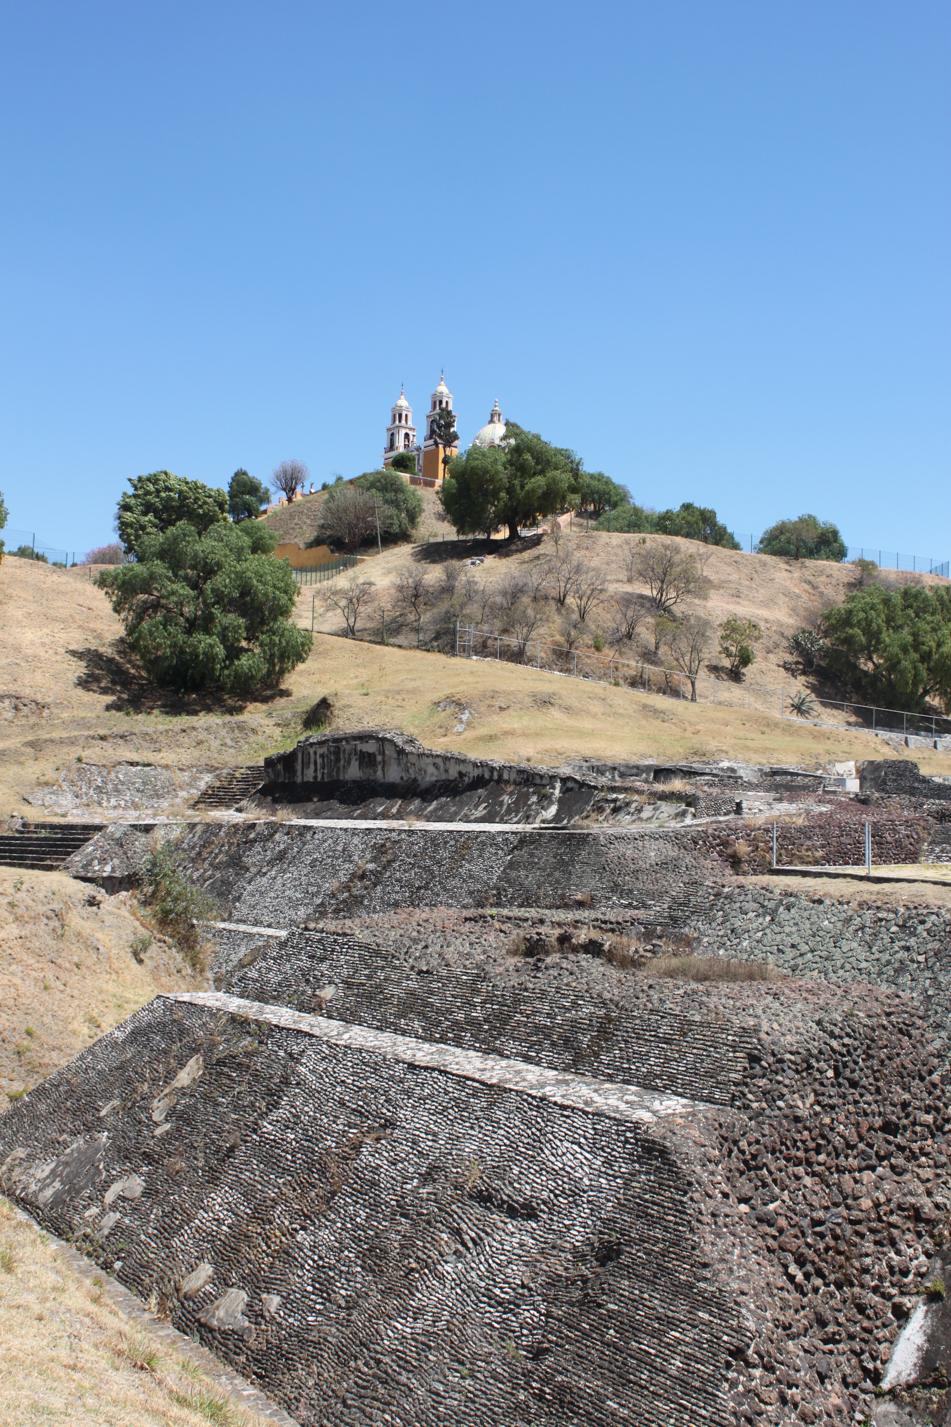 Dieser dahinter liegende Erdhügel mit der Kirche auf der Spitze, ist die größte Pyramide der Welt.